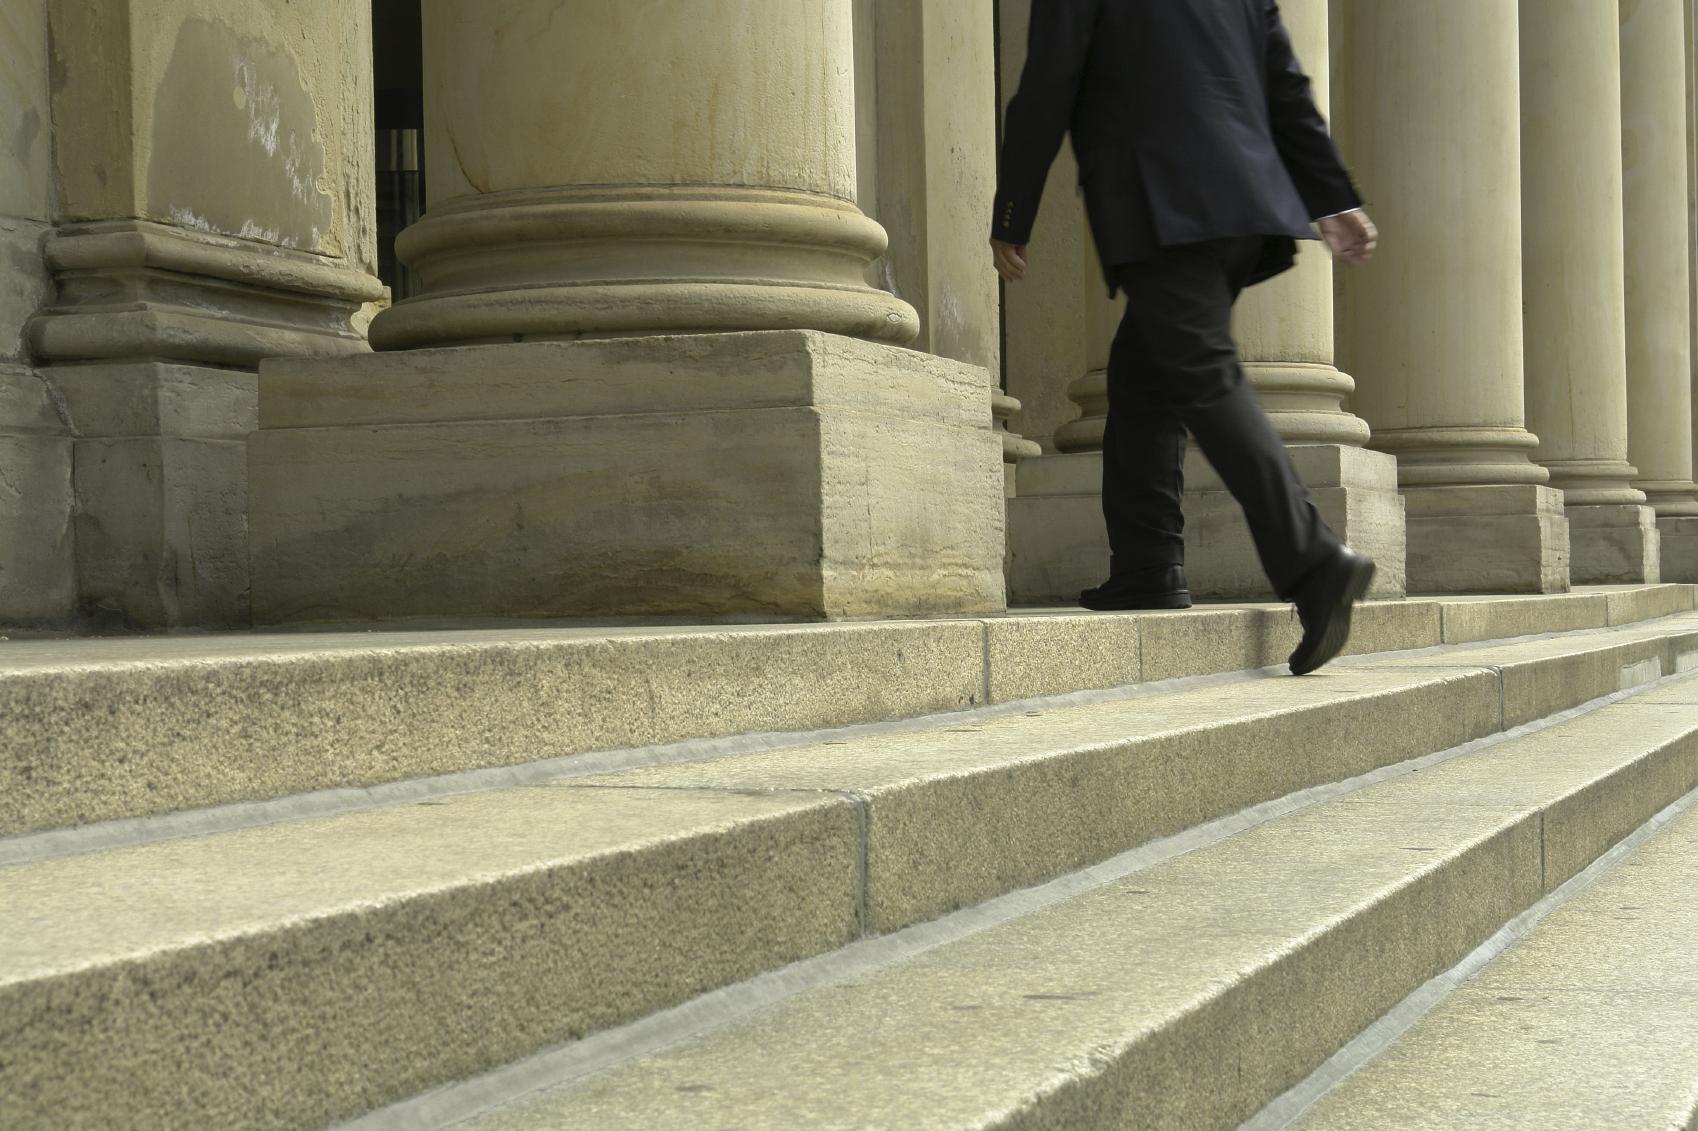 La cour d'assises en question colloque cnb